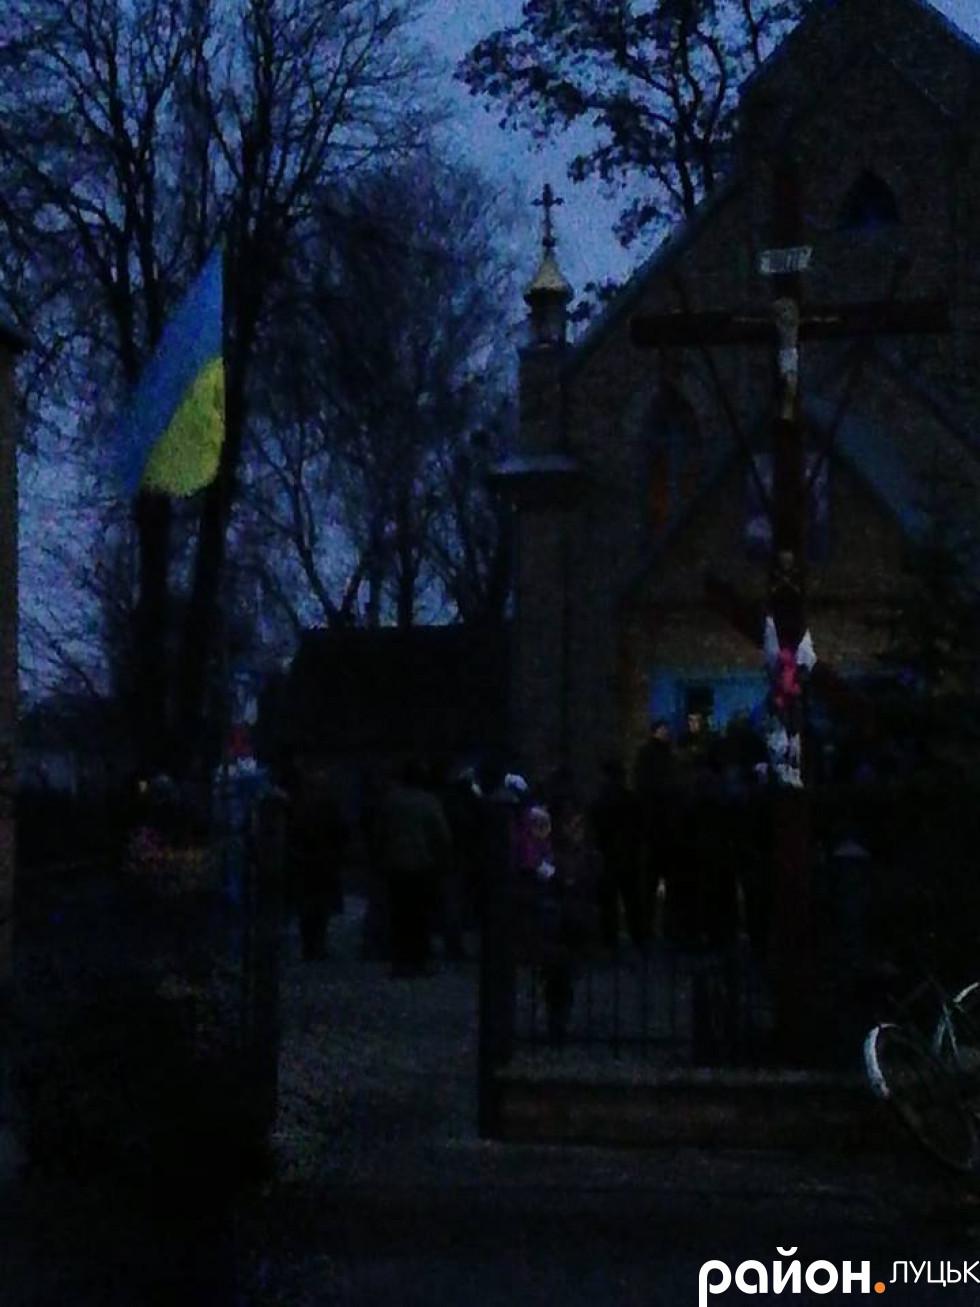 Вечір, коли селяни спиляли замки, щоб потрапити в церкву